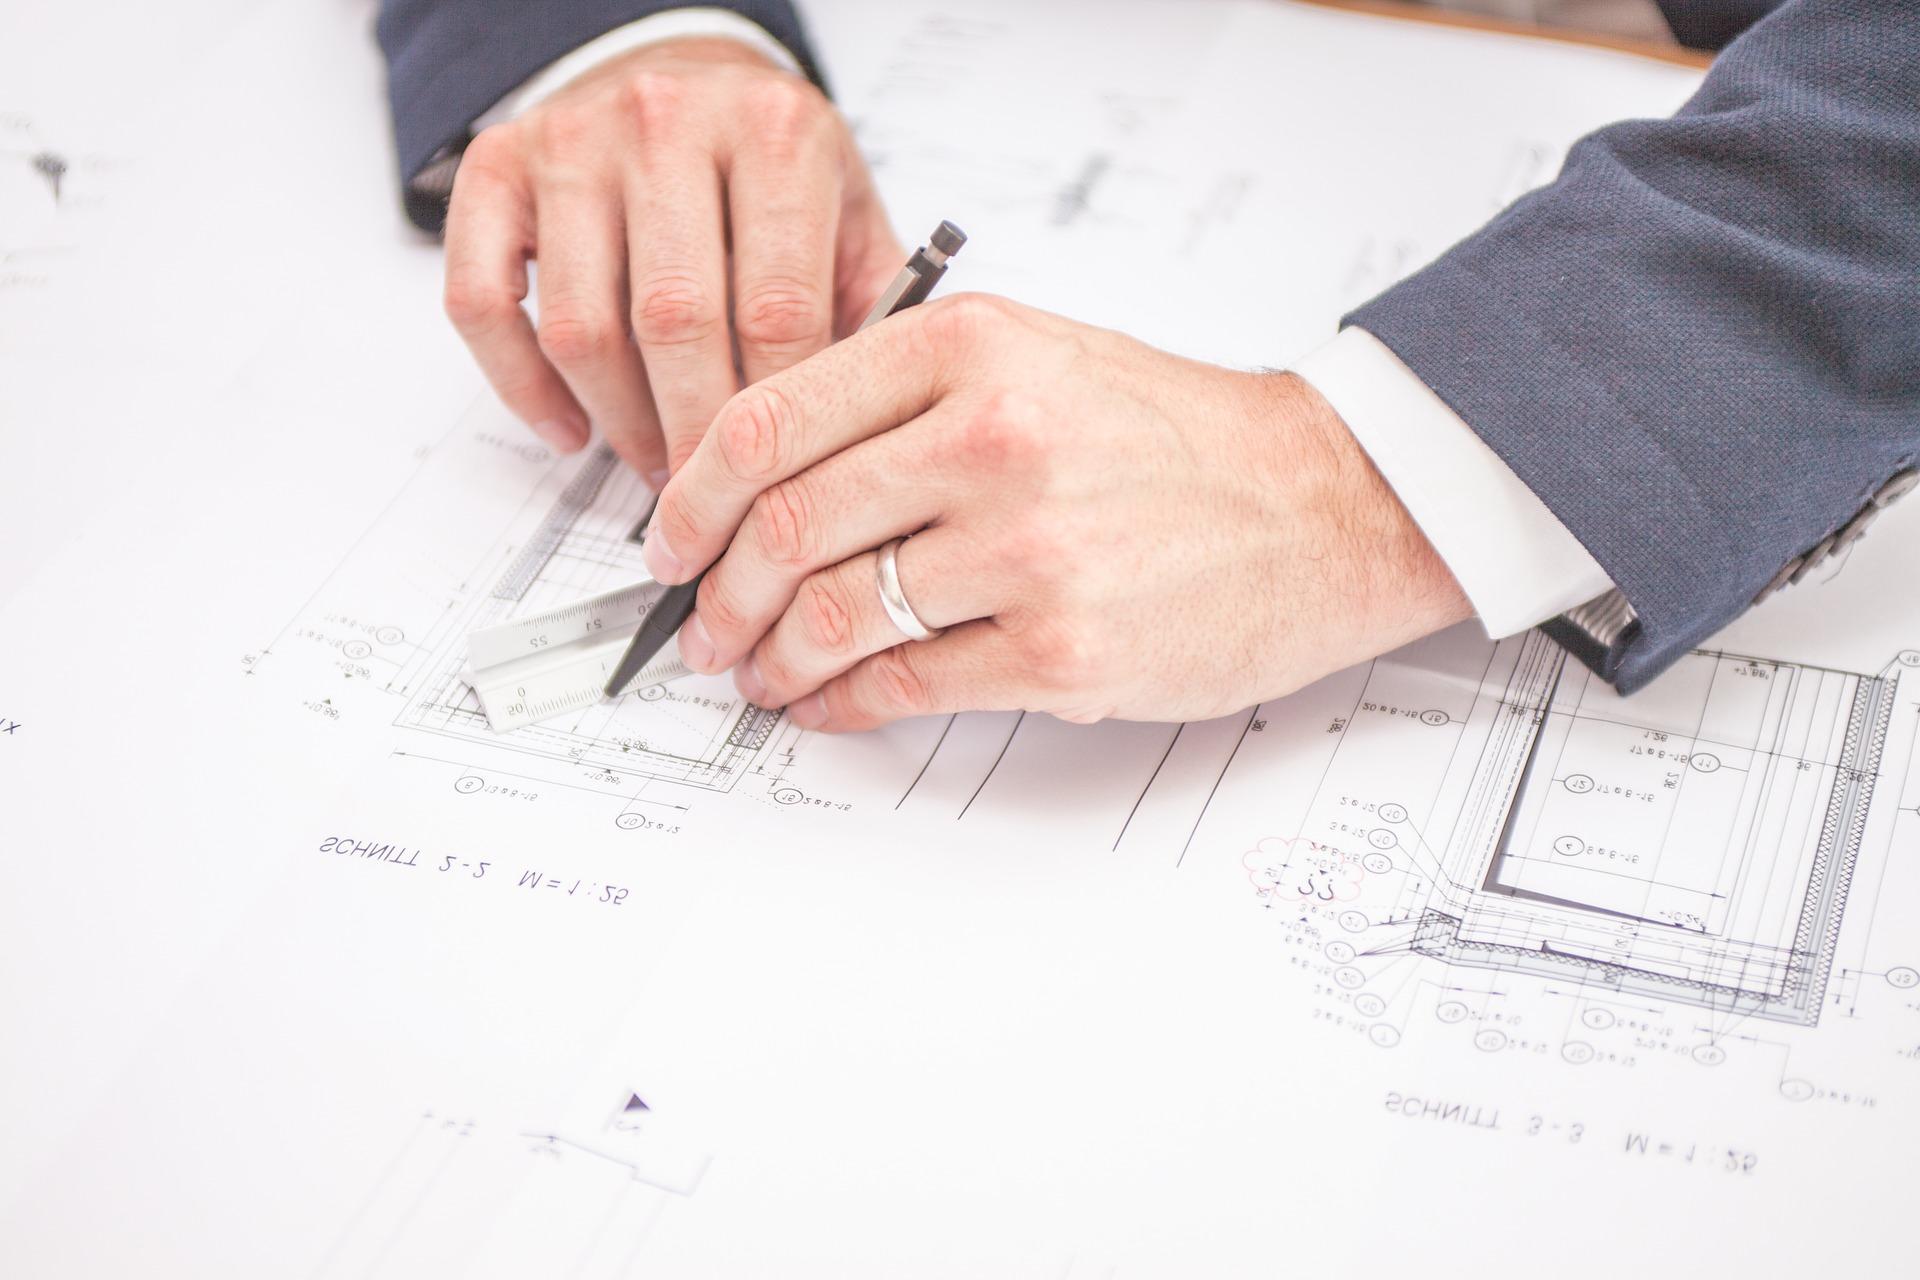 Architecte d'intérieur : parcours professionnel